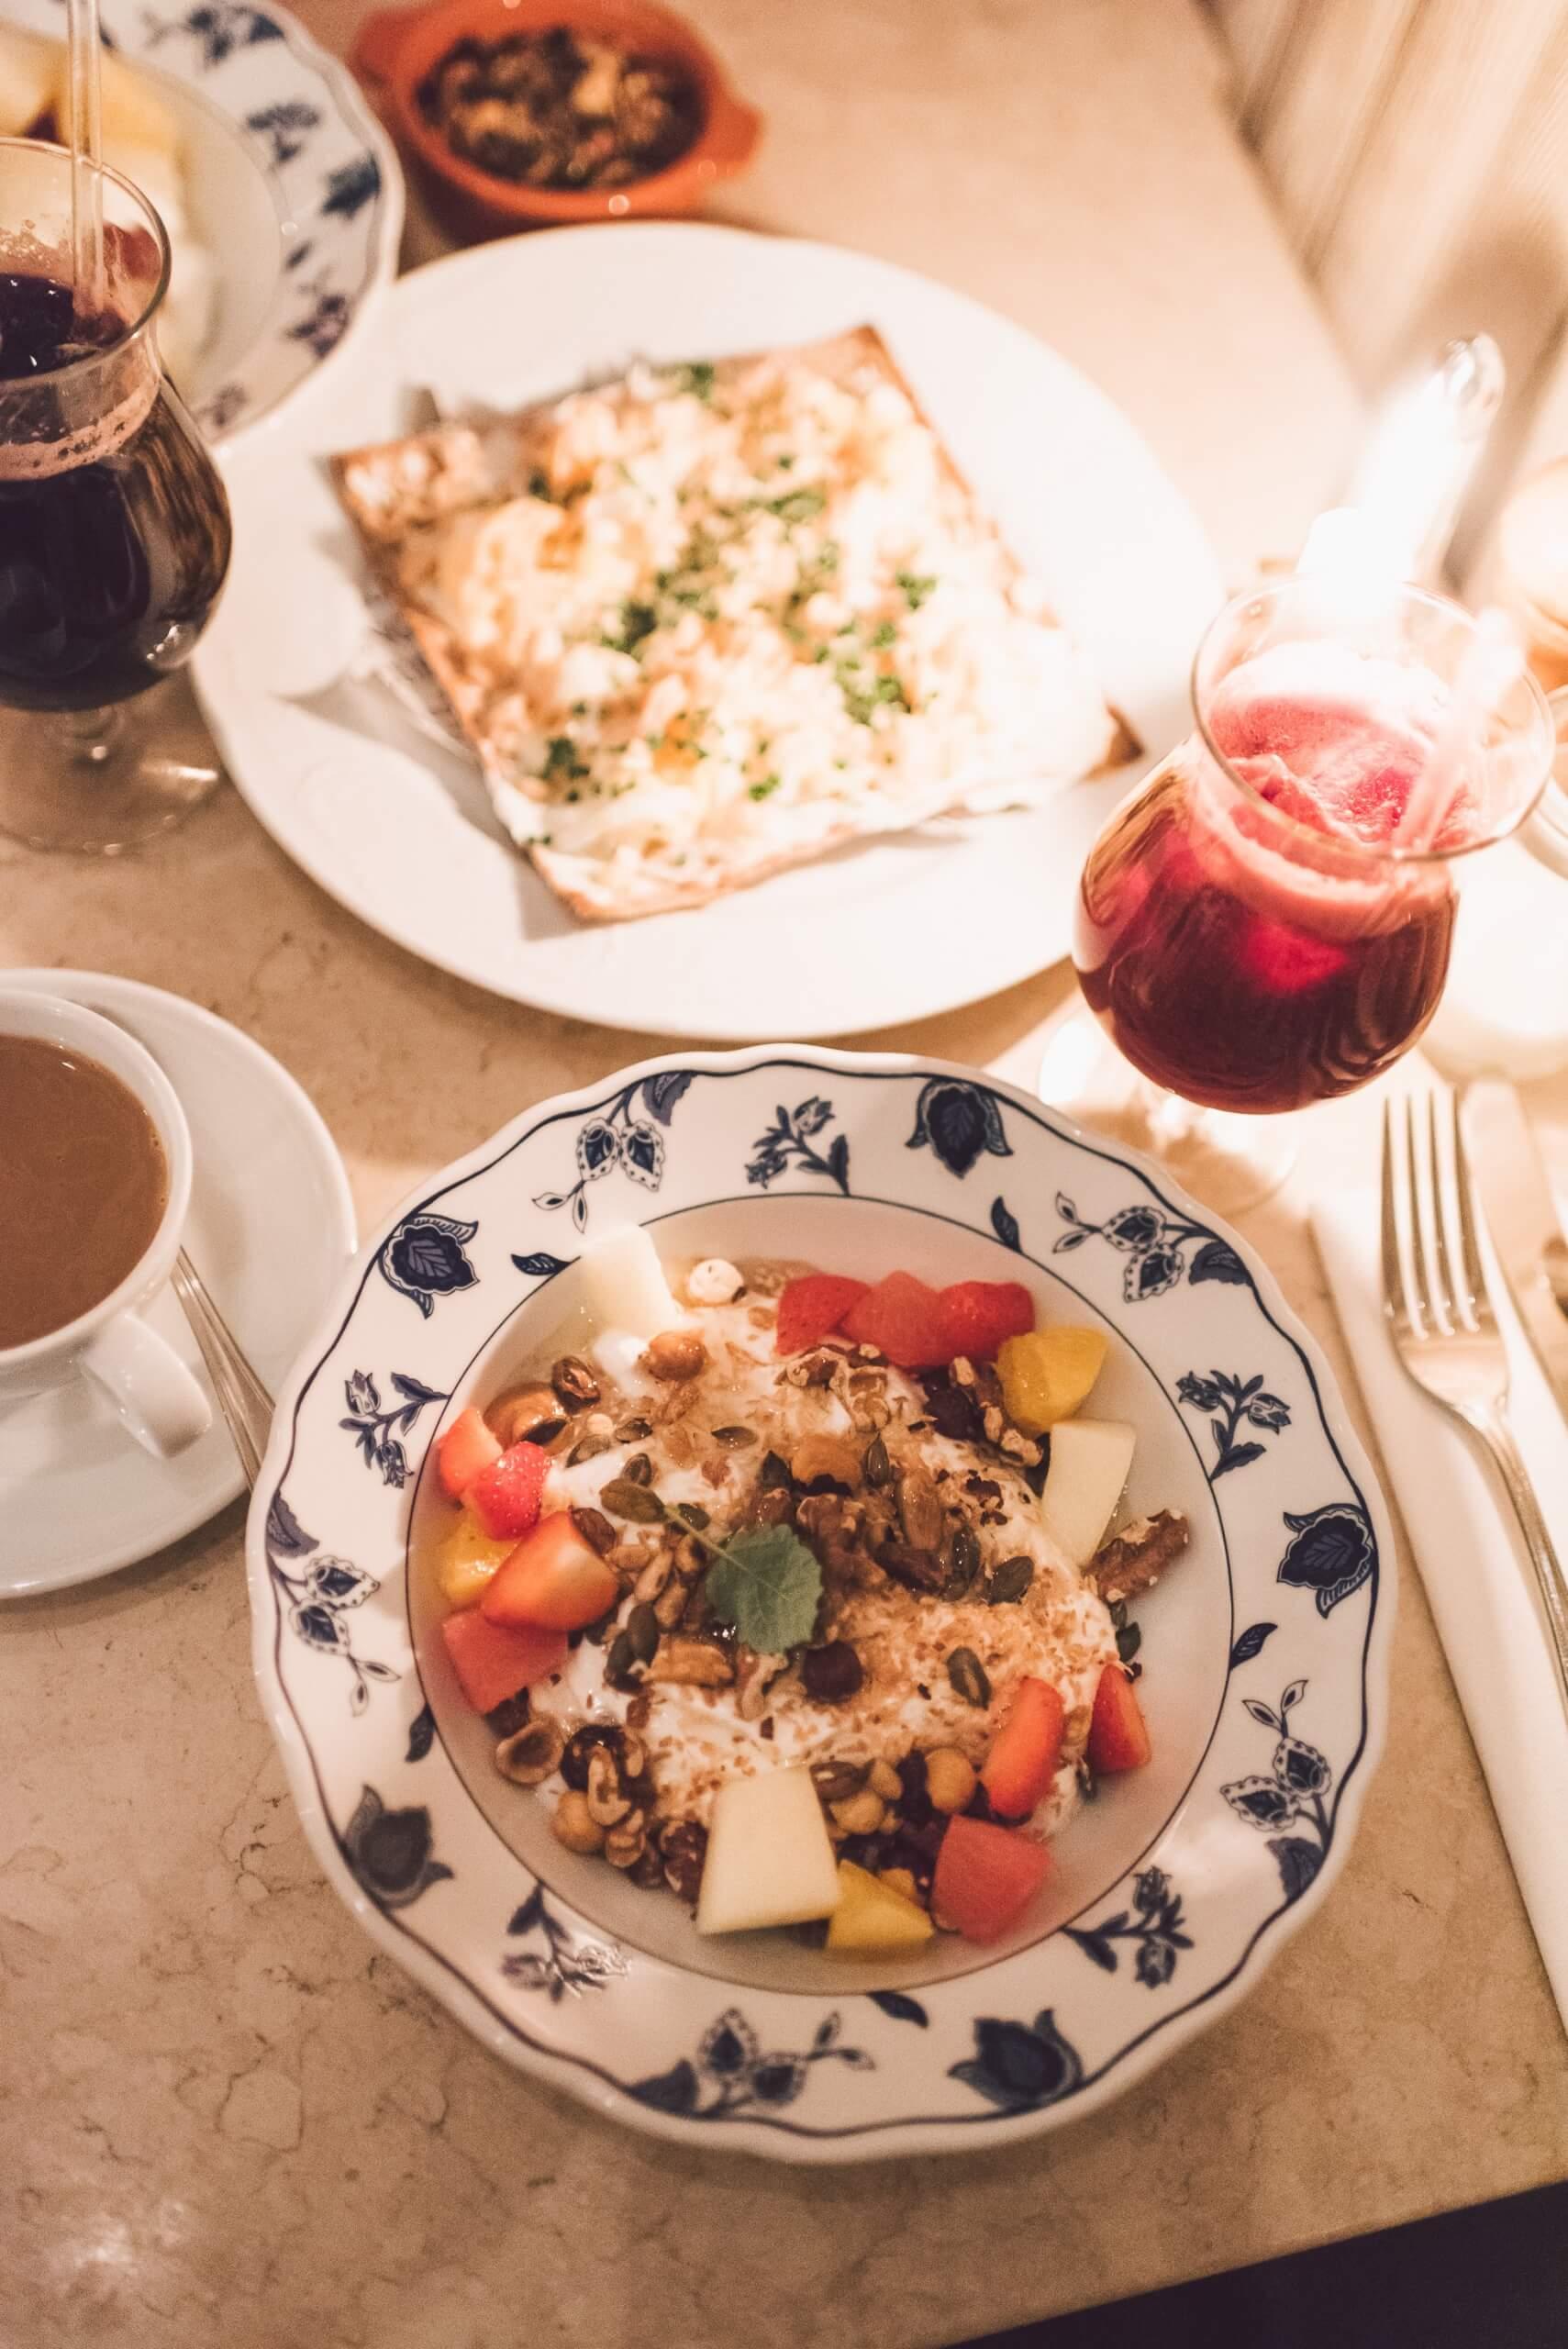 janni-deler-breakfast-dateDSC_6588